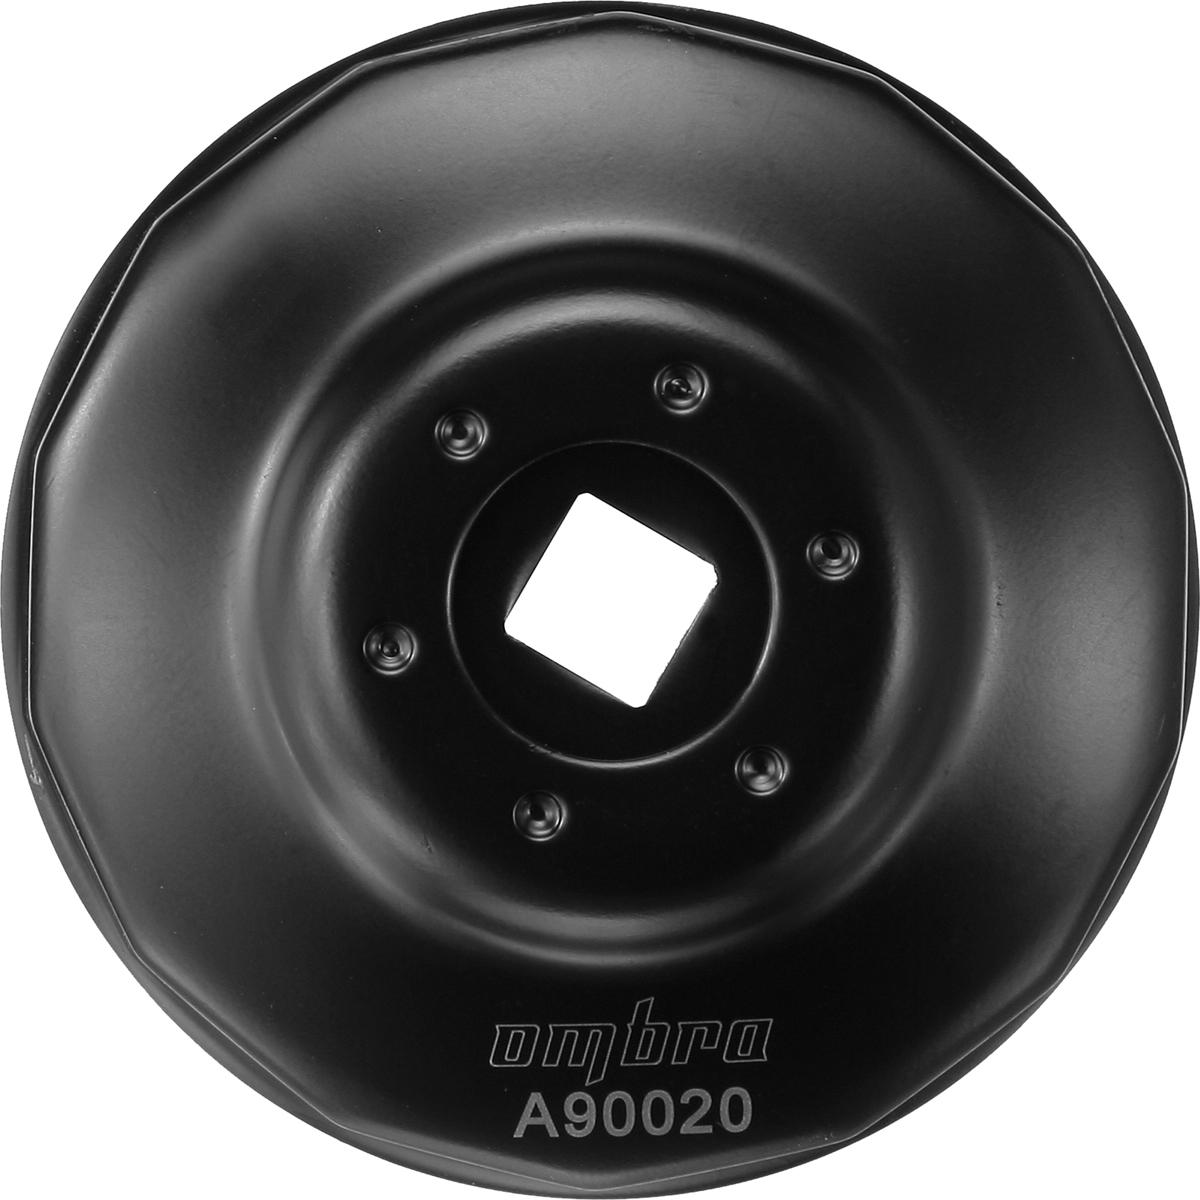 Съемник масляных фильтров Ombra чашка 14-граней, диаметр 68 мм съемник масляных фильтров кратон 63 102 мм